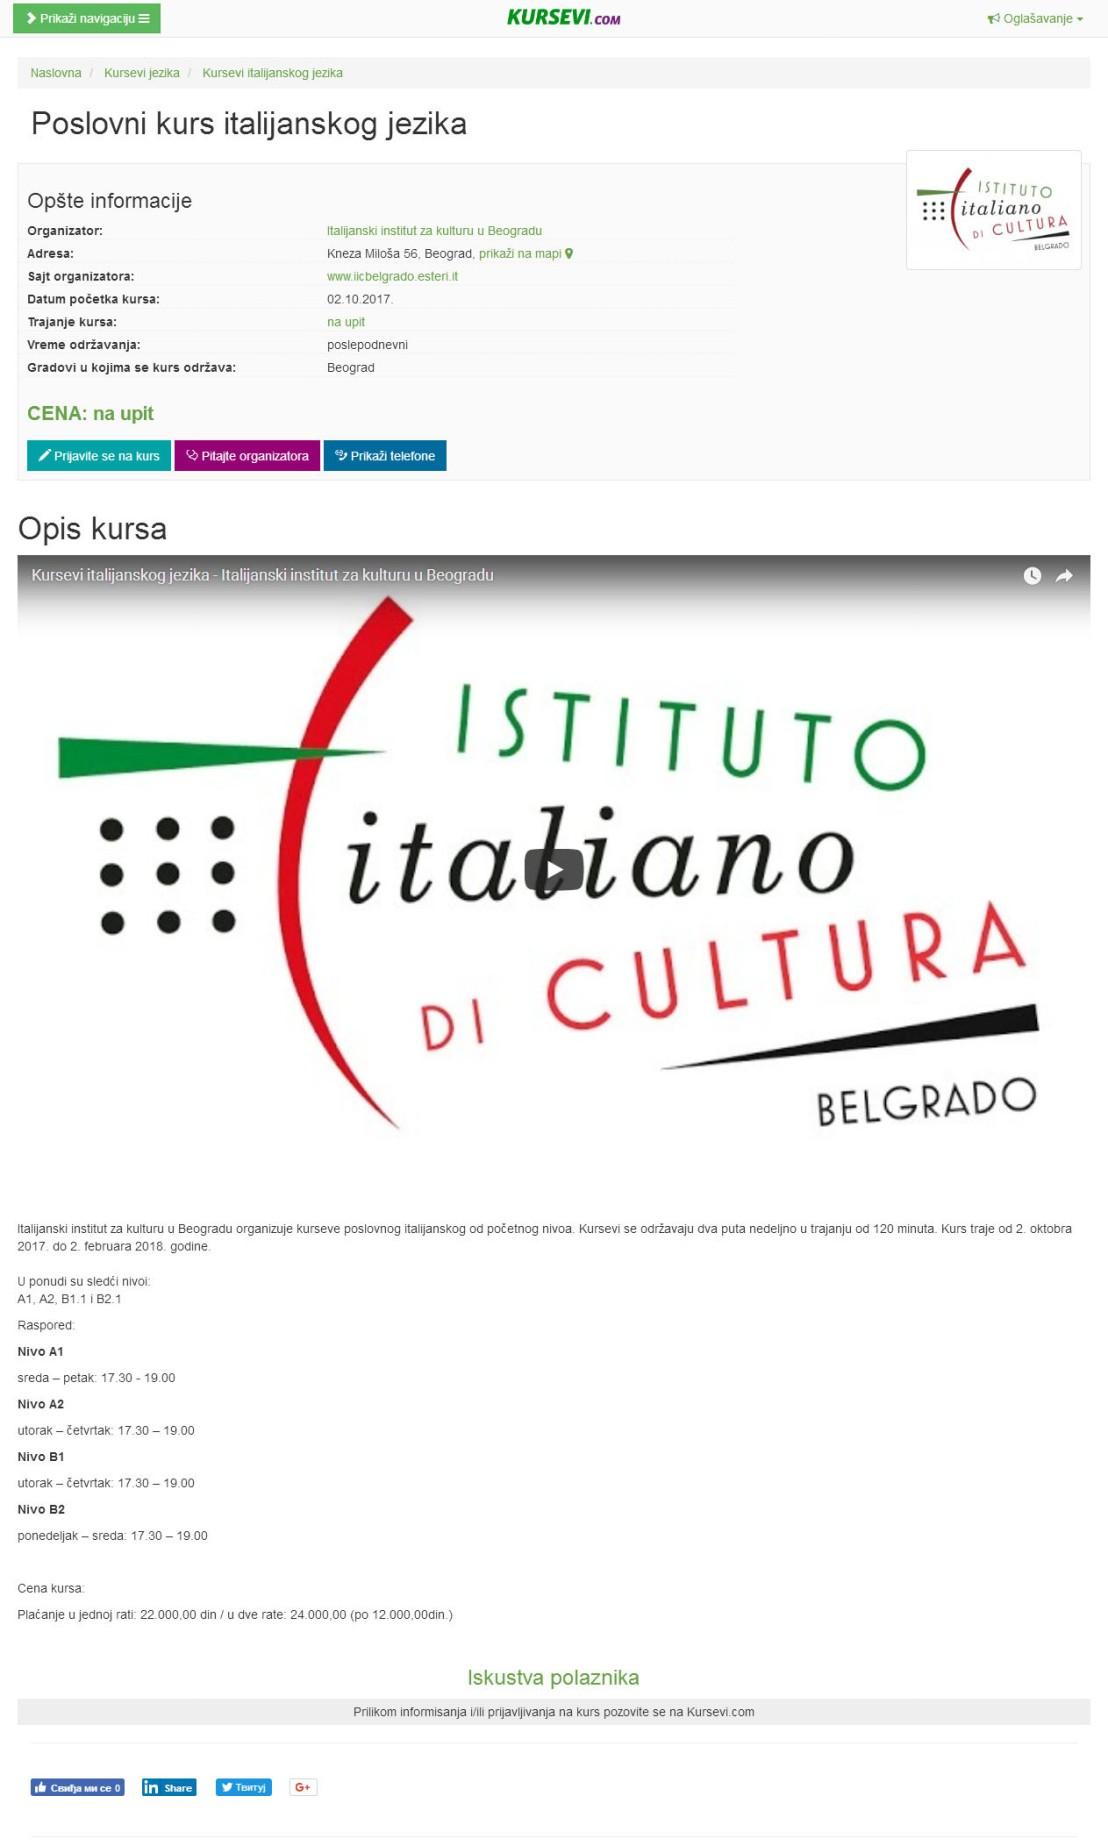 2109 - kursevi.com - Poslovni kurs italijanskog jezika, Beograd.jpg